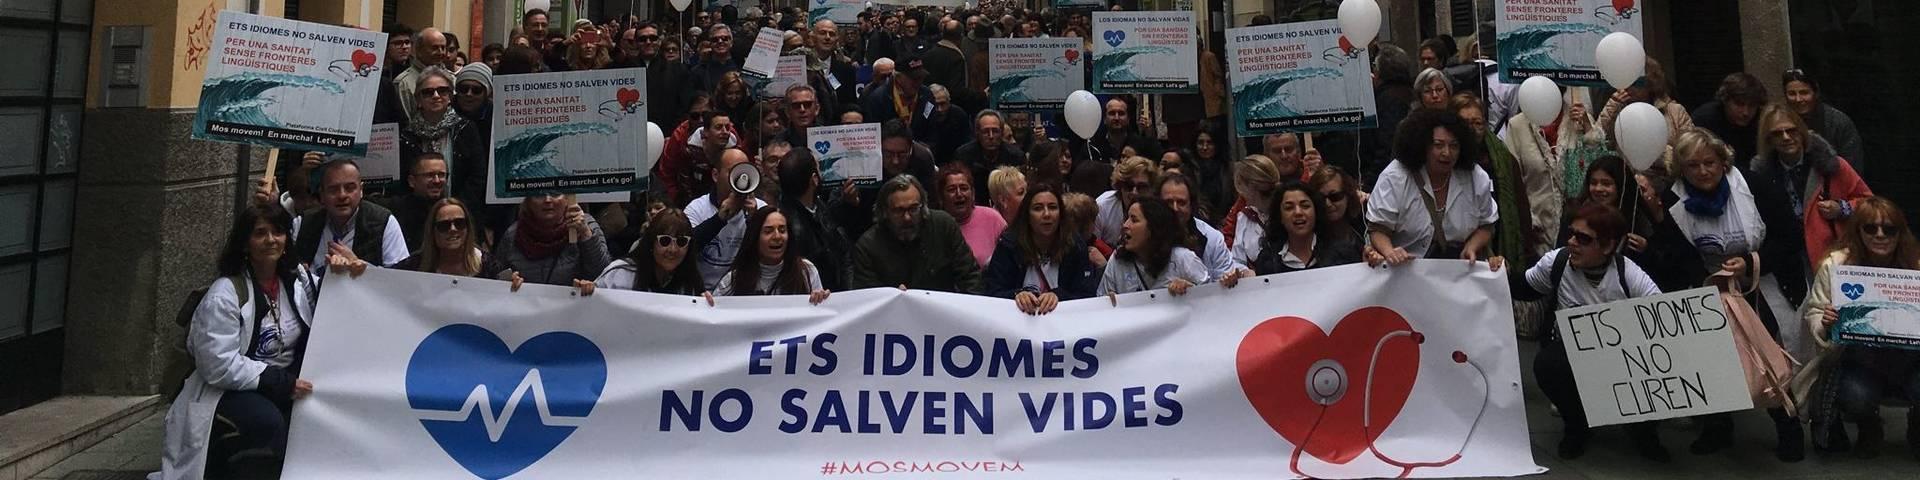 Miles de personas protestan en Palma contra la exigencia del catalán en la sanidad